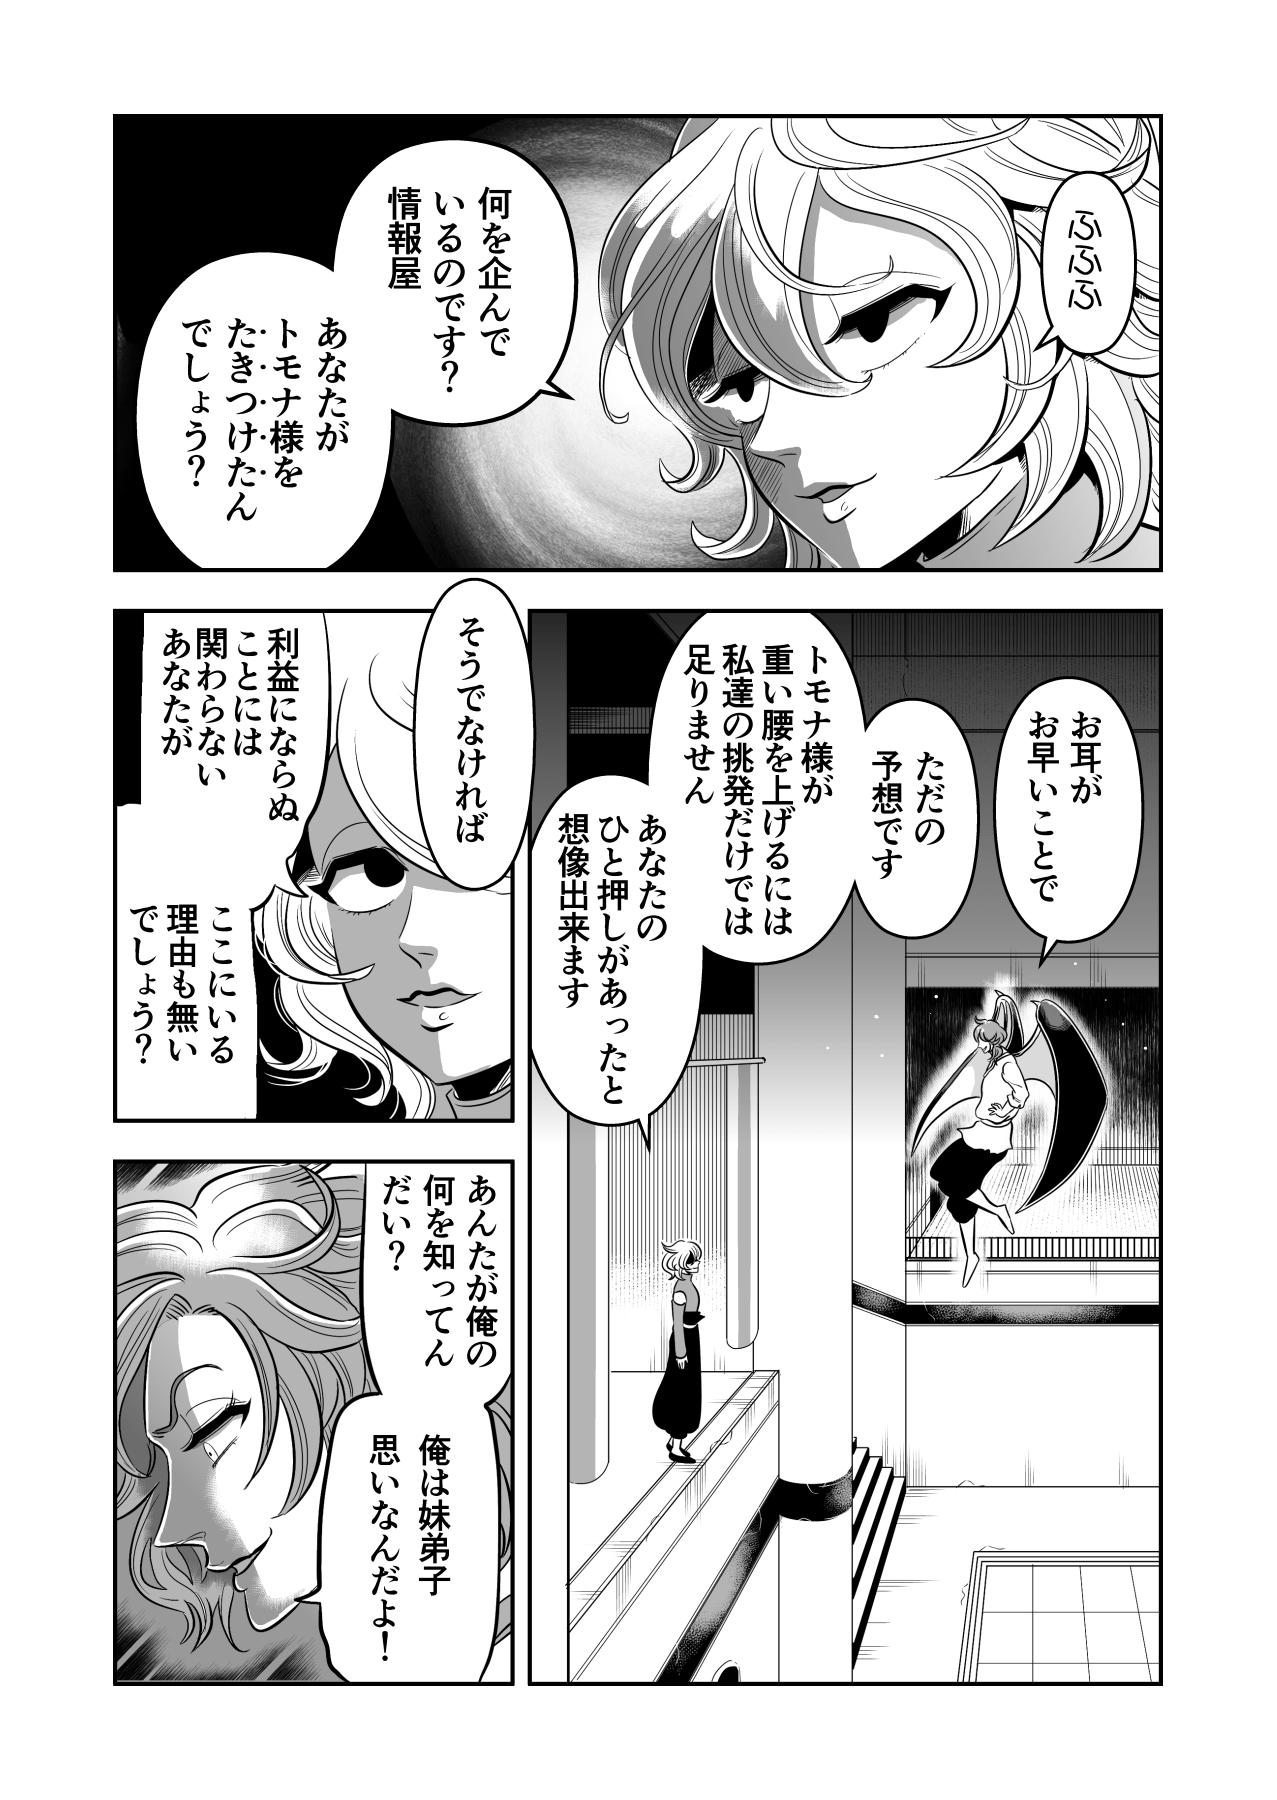 ヤサグレ魔女と第1王子と吸血鬼⑬ (3)-min